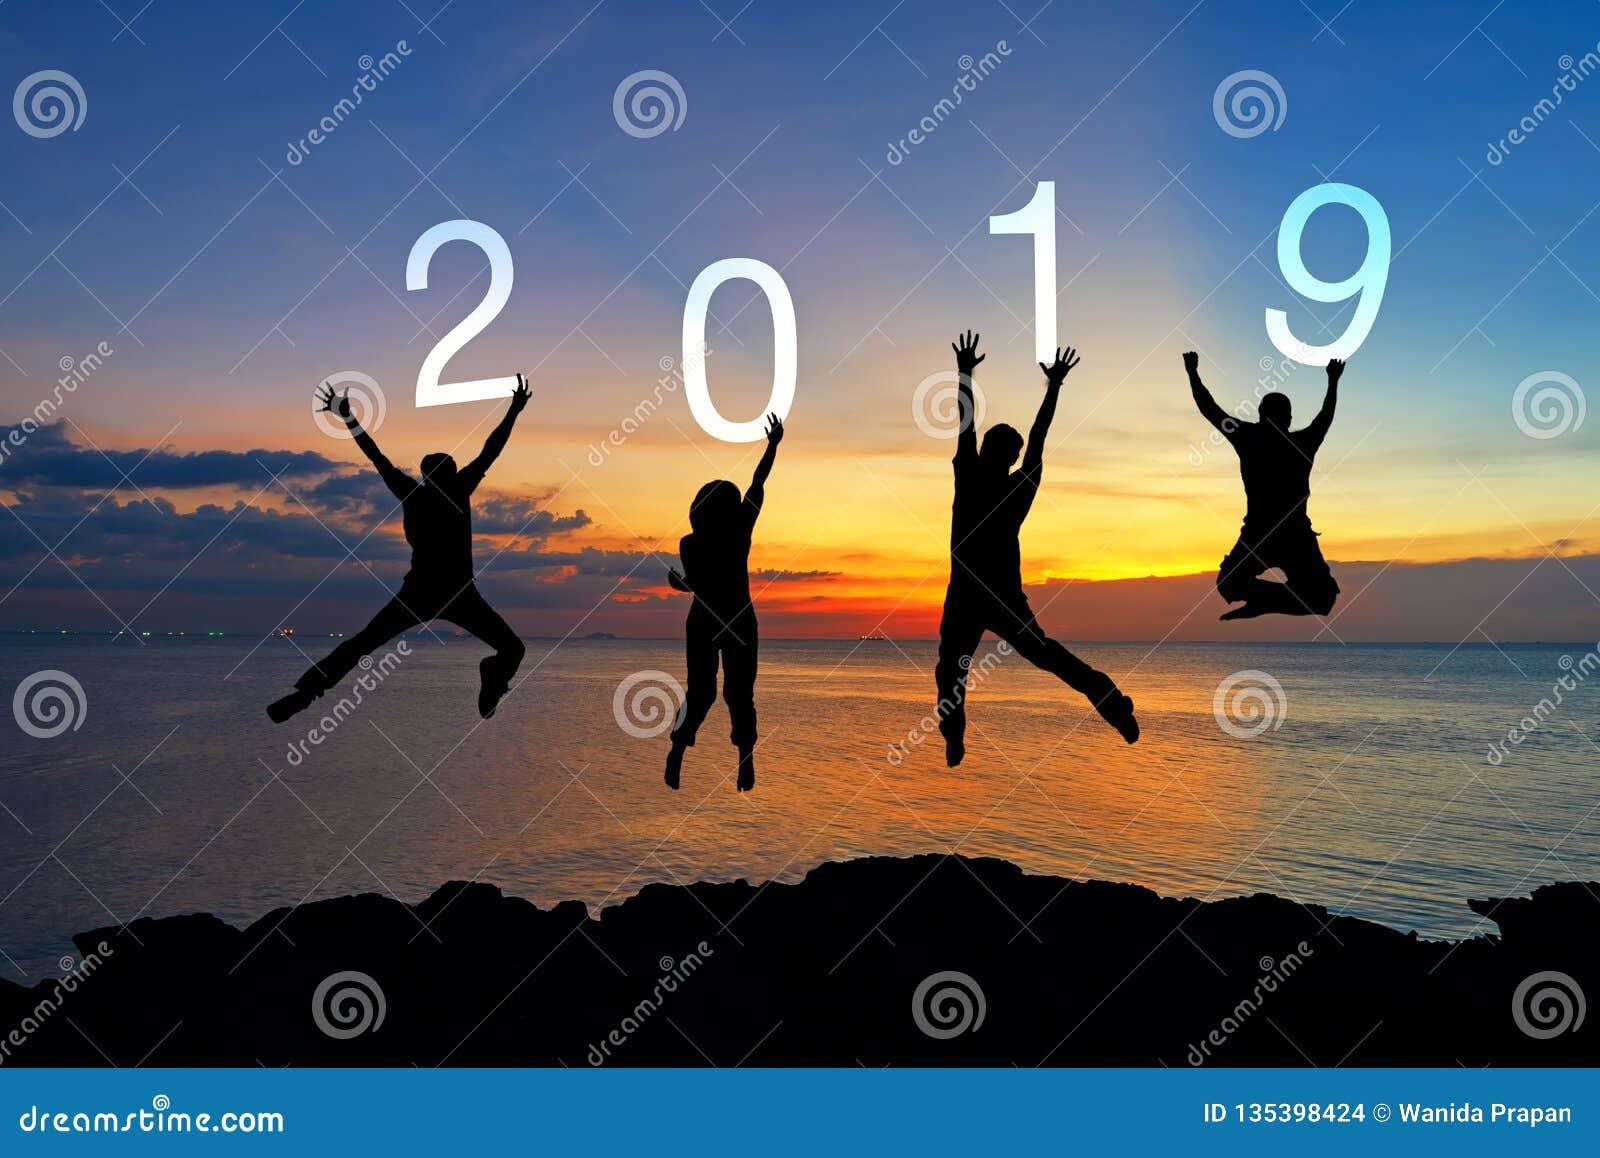 Obtention du diplôme sautante de félicitation de travail d équipe heureux d affaires de silhouette pendant la bonne année 2019 Le